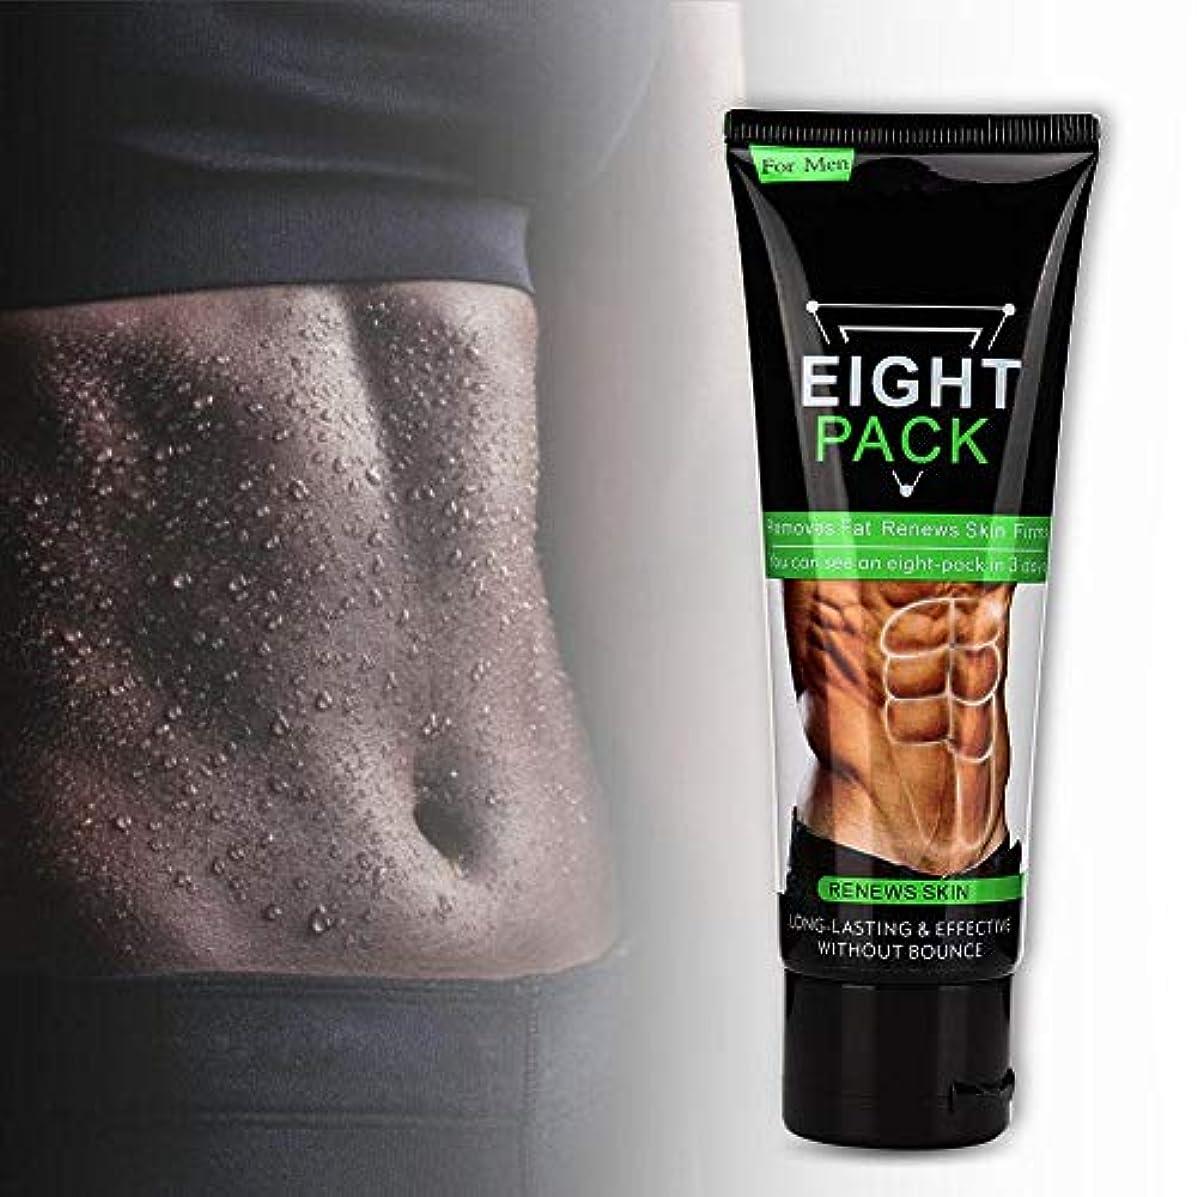 部赤字コーラスSlim身クリーム、80g Volwcoアンチセルライトクリーム、太もも、腹部、en部、腕などのセルライトと戦うための腹部筋肉クリームを改善するためのトレーニング